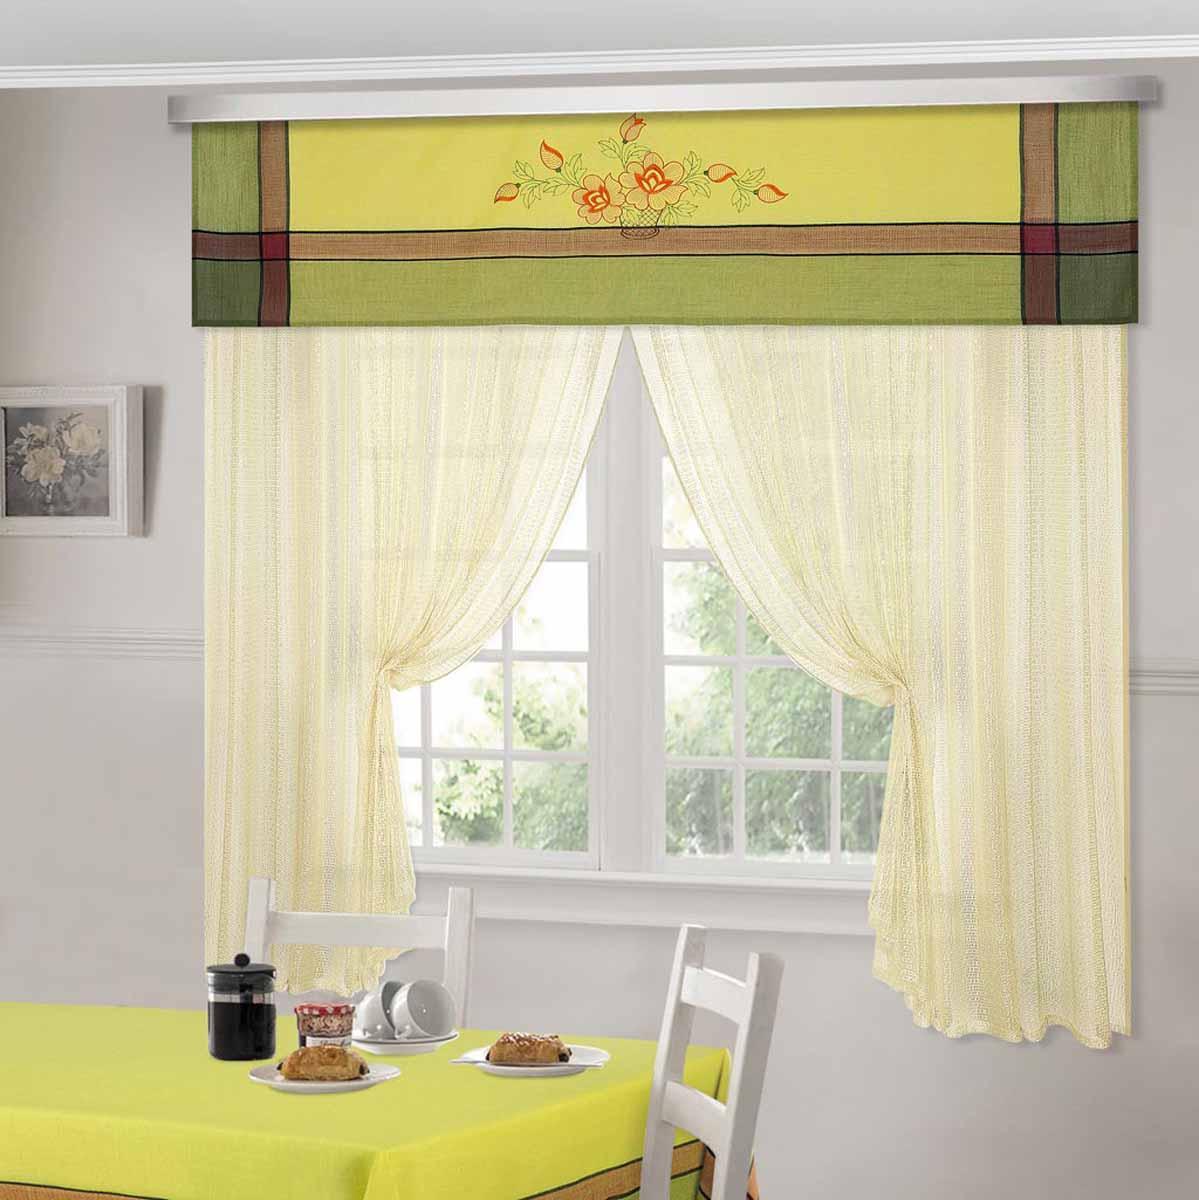 Комплект штор ТД Текстиль Шик, на ленте, цвет: фисташковый, высота 180 см. 92526 шторы интерьерные олимп текстиль шторы бретань